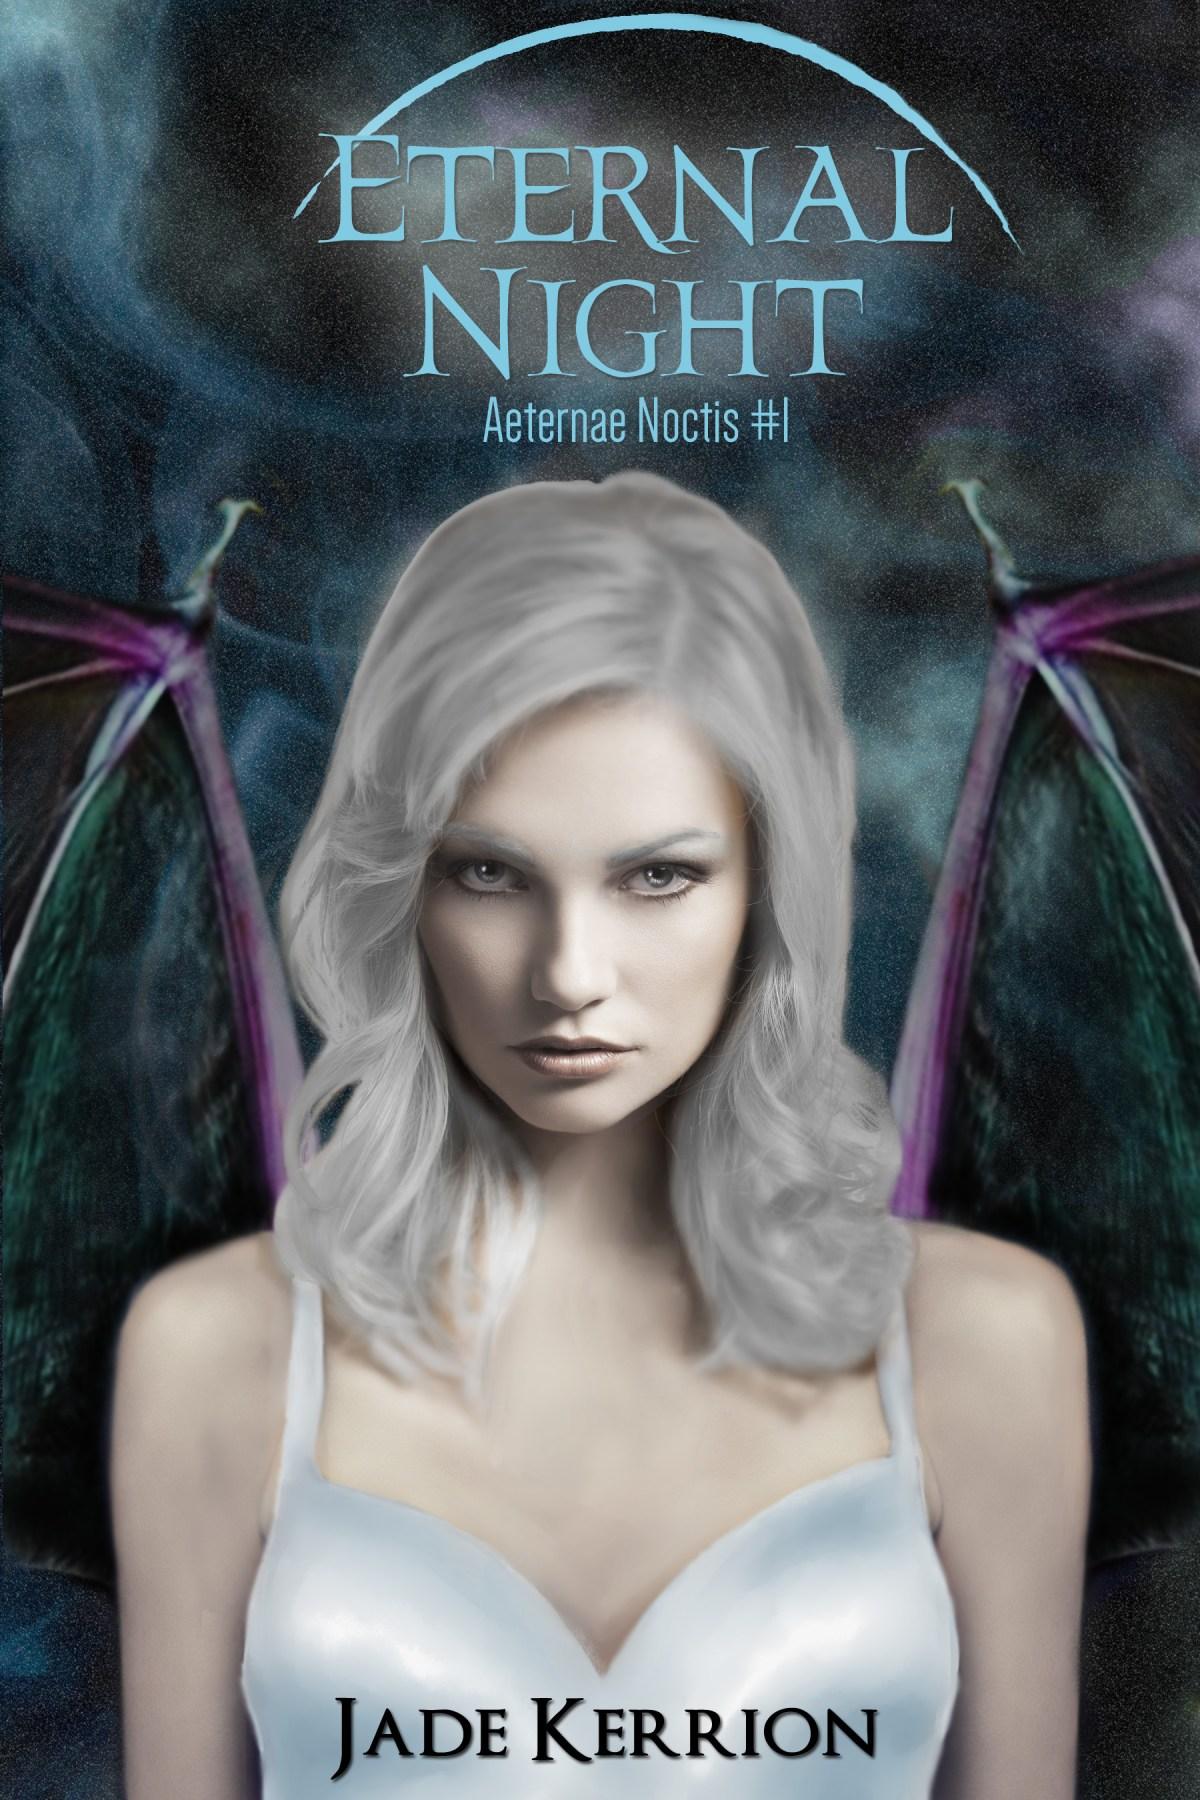 Eternal Night by Jade Kerrion